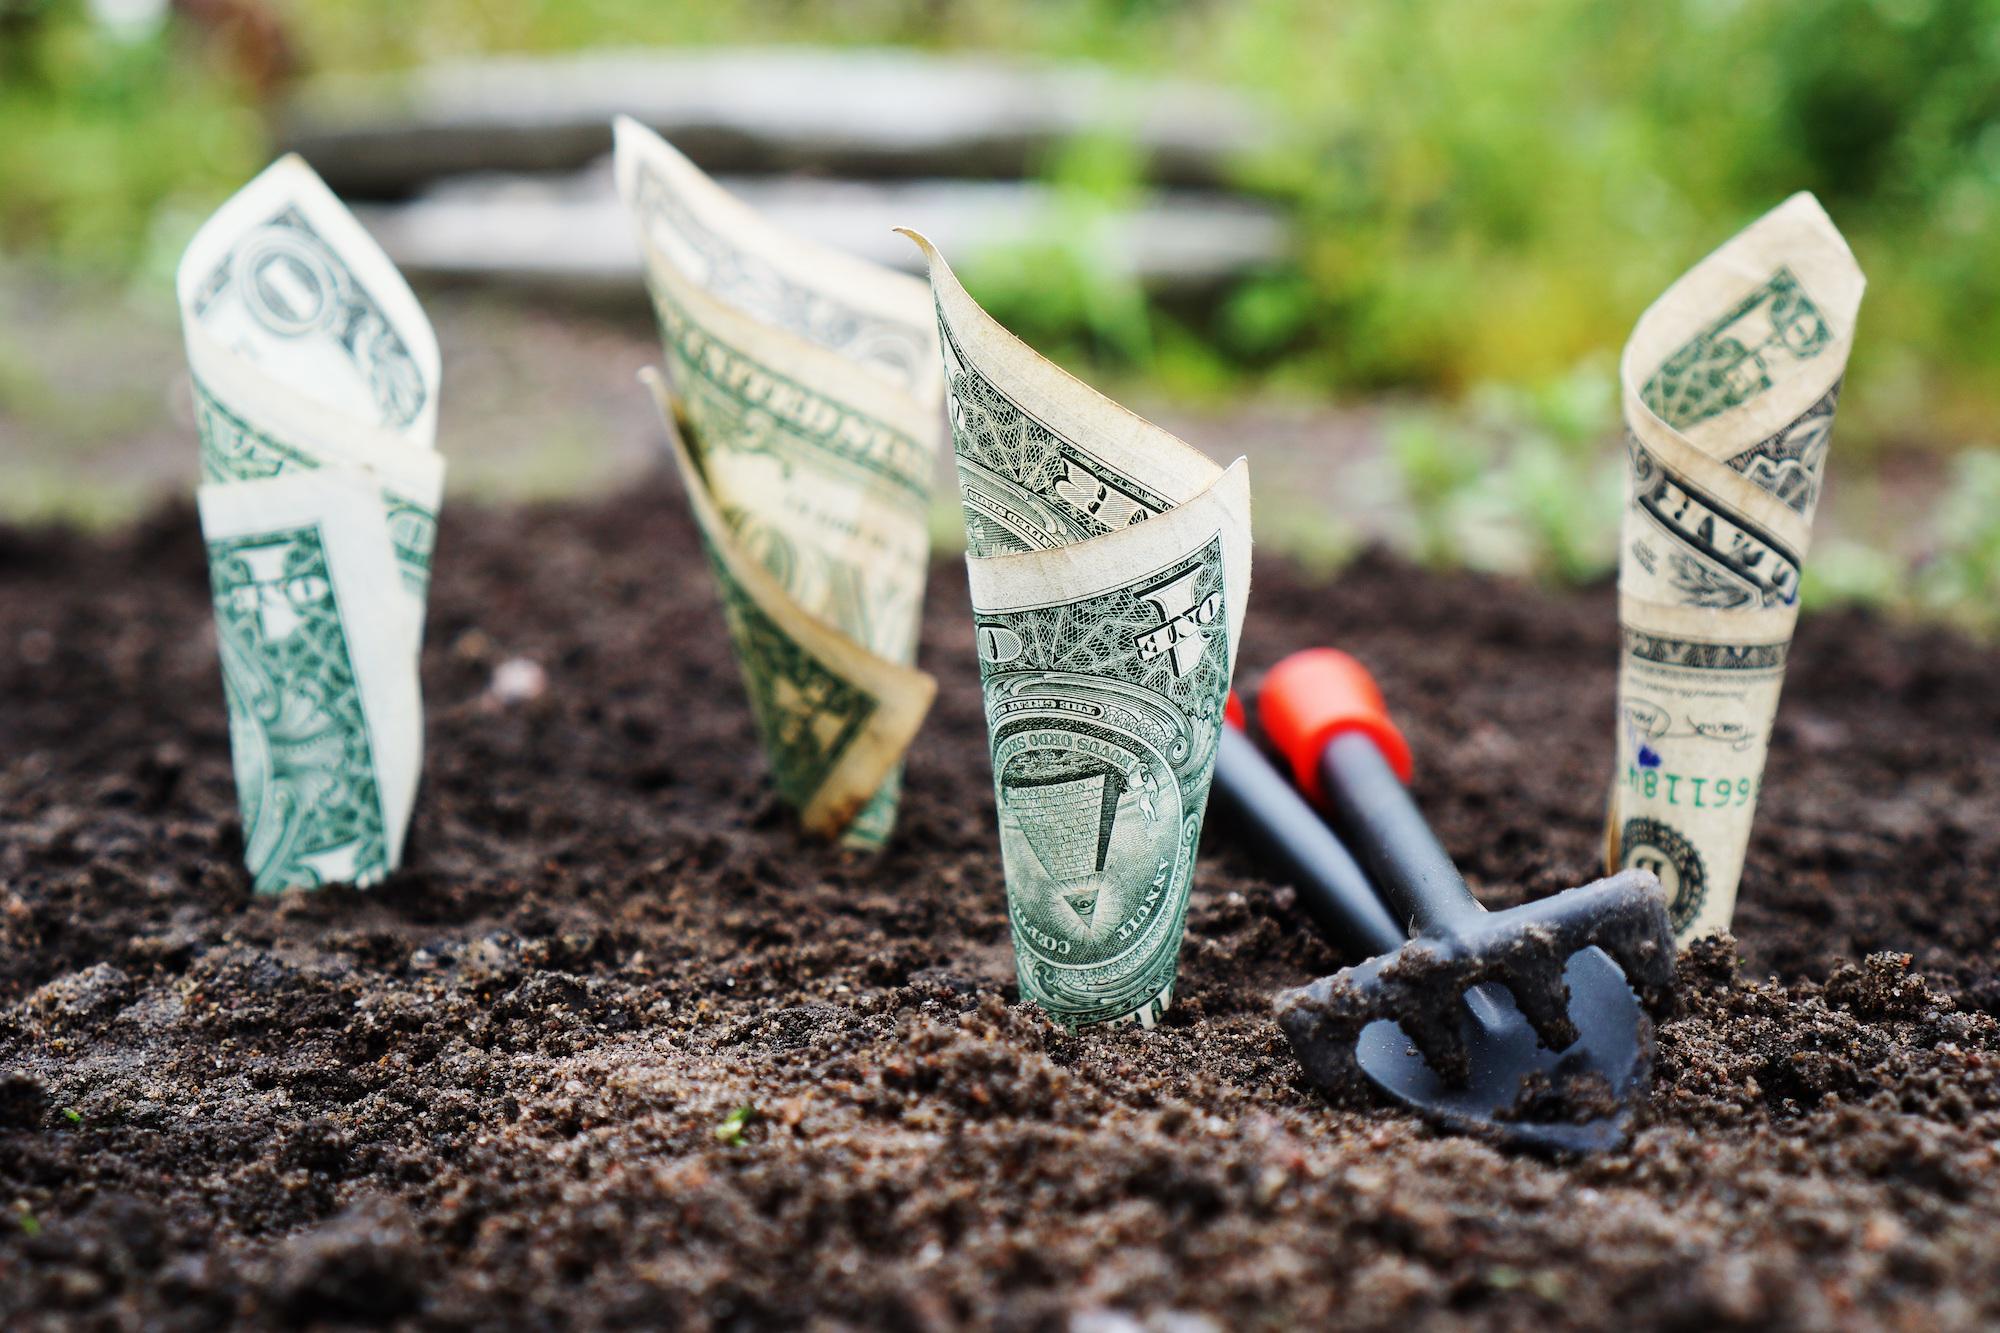 Cartes, offres d'épargne, crédit à la consommation ou immobilier, quelle banque en ligne est la plus complète?